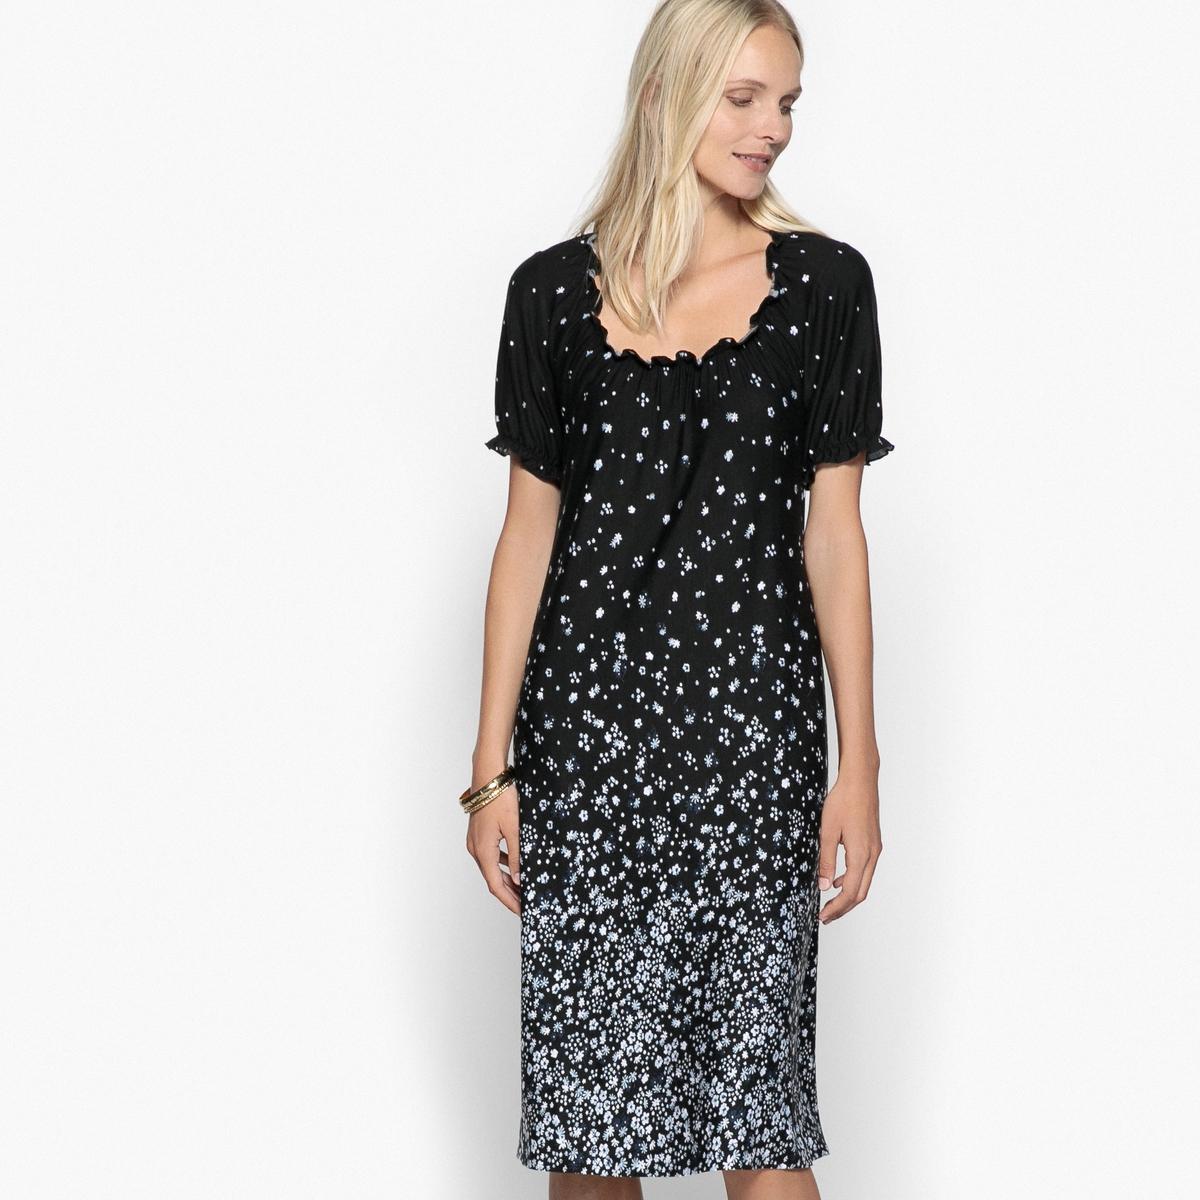 Платье прямое с рисунком из мягкого трикотажаОписание:Платье с цветочным рисунком. Выбирайте это платье из эластичного джерси и наслаждайтесь мягким трикотажем, комфортным и женственным.Детали •  Форма : прямая •  Длина до колен •  Короткие рукава    •  Круглый вырез •  Рисунок-принтСостав и уход •  95% вискозы, 5% эластана •  Температура стирки 30° на деликатном режиме   •  Сухая чистка и отбеливатели запрещены •  Не использовать барабанную сушку •  Низкая температура глажки •  Свободный круглый вырез с небольшими воланами. Короткие рукава с отделкой воланами с оборками. •  Длина  : 94,5 см<br><br>Цвет: рисунок/фон черный<br>Размер: 40 (FR) - 46 (RUS)